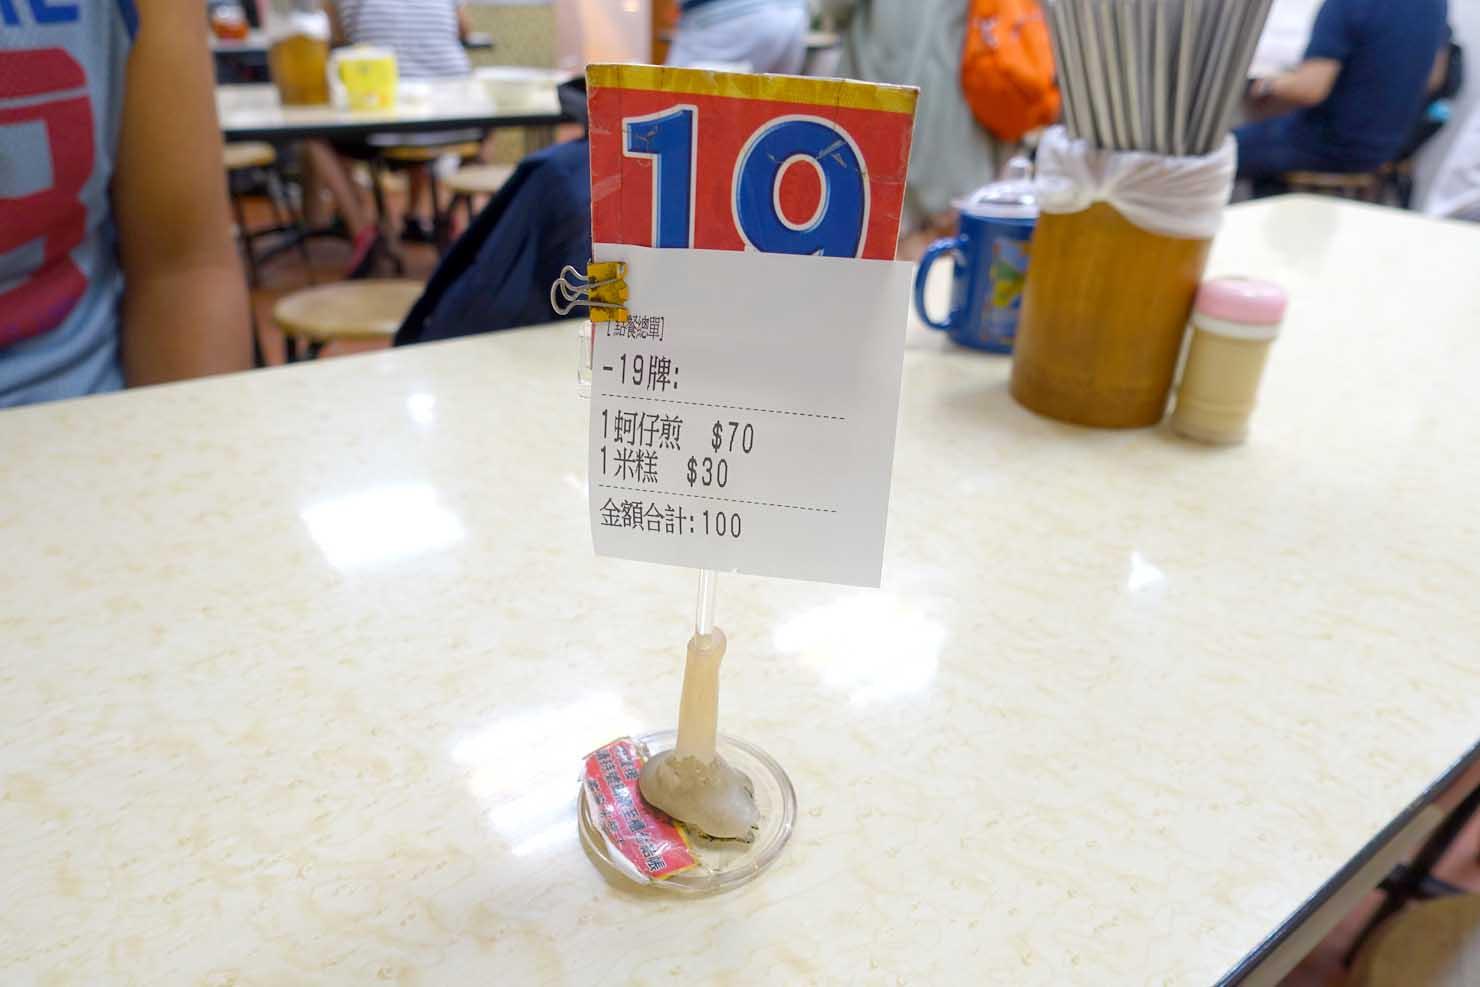 台北・寧夏夜市のおすすめグルメ店「圓環邊蚵仔煎」の番号札